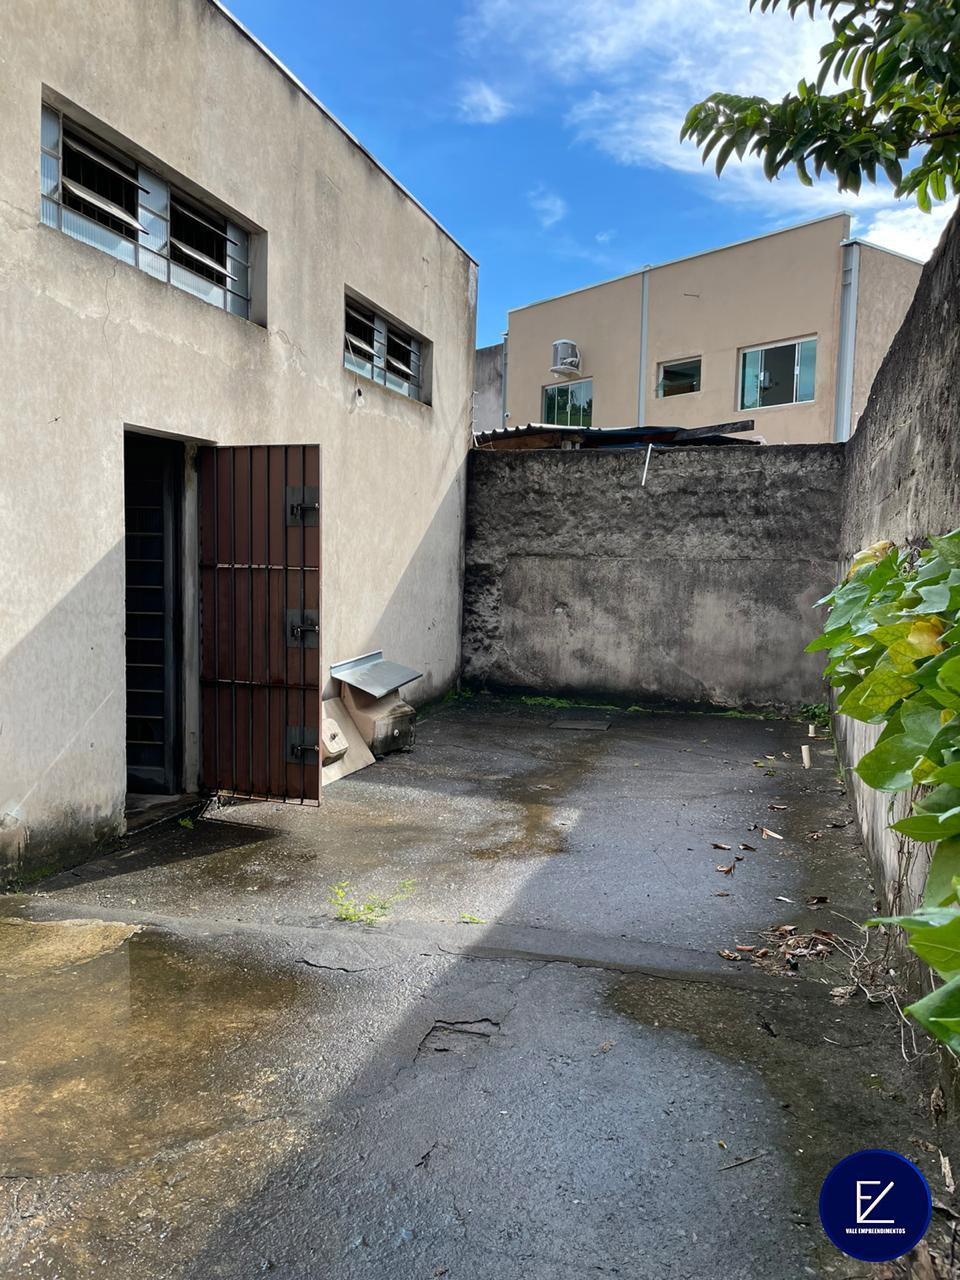 Galpão com 220 m² / Centro de Taubaté / SP - Vale Empreendimento